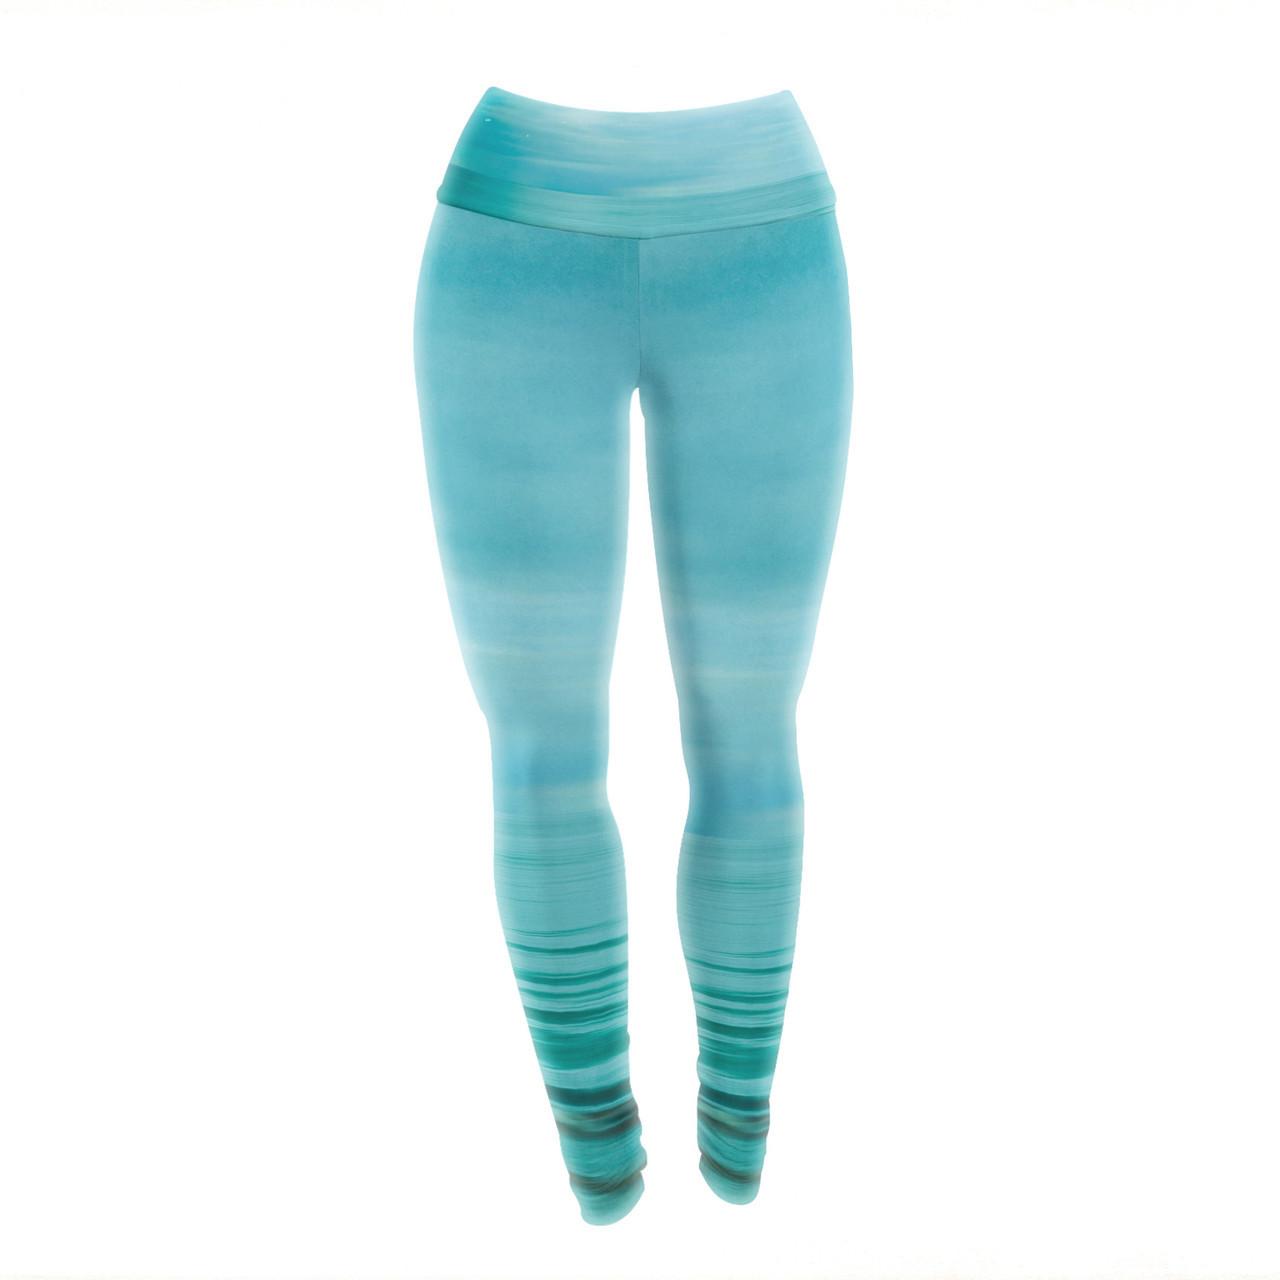 seayogapantsypintheseaturquoise-71805.1464199612.1280.1280.jpg